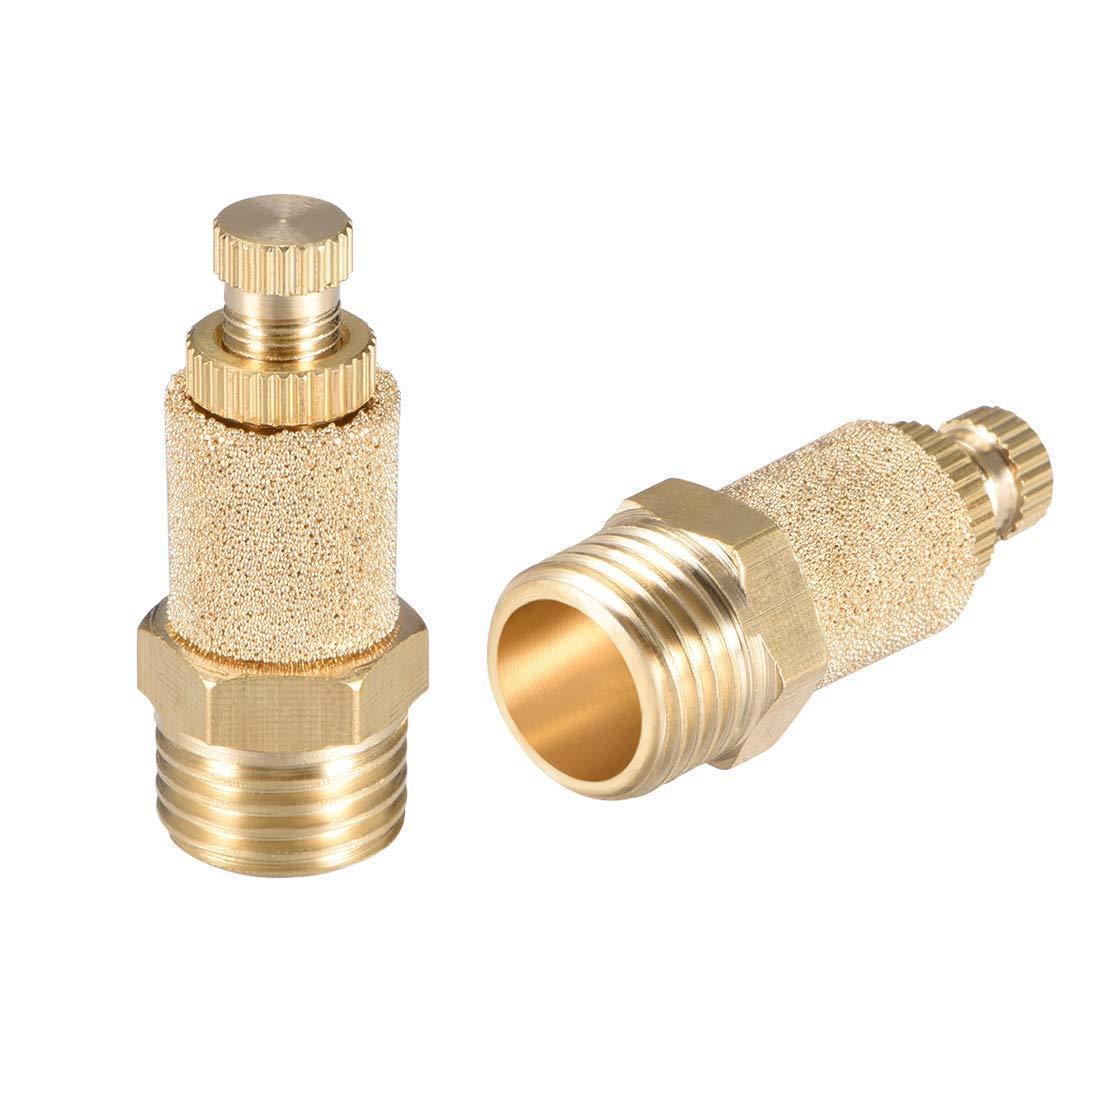 ZCHXD Brass Exhaust Muffler 1//4 G Male Thread 33//64 Hex Top Adjustable Sintered Air Pneumatic Bronze Muffler with Brass Body 2pcs